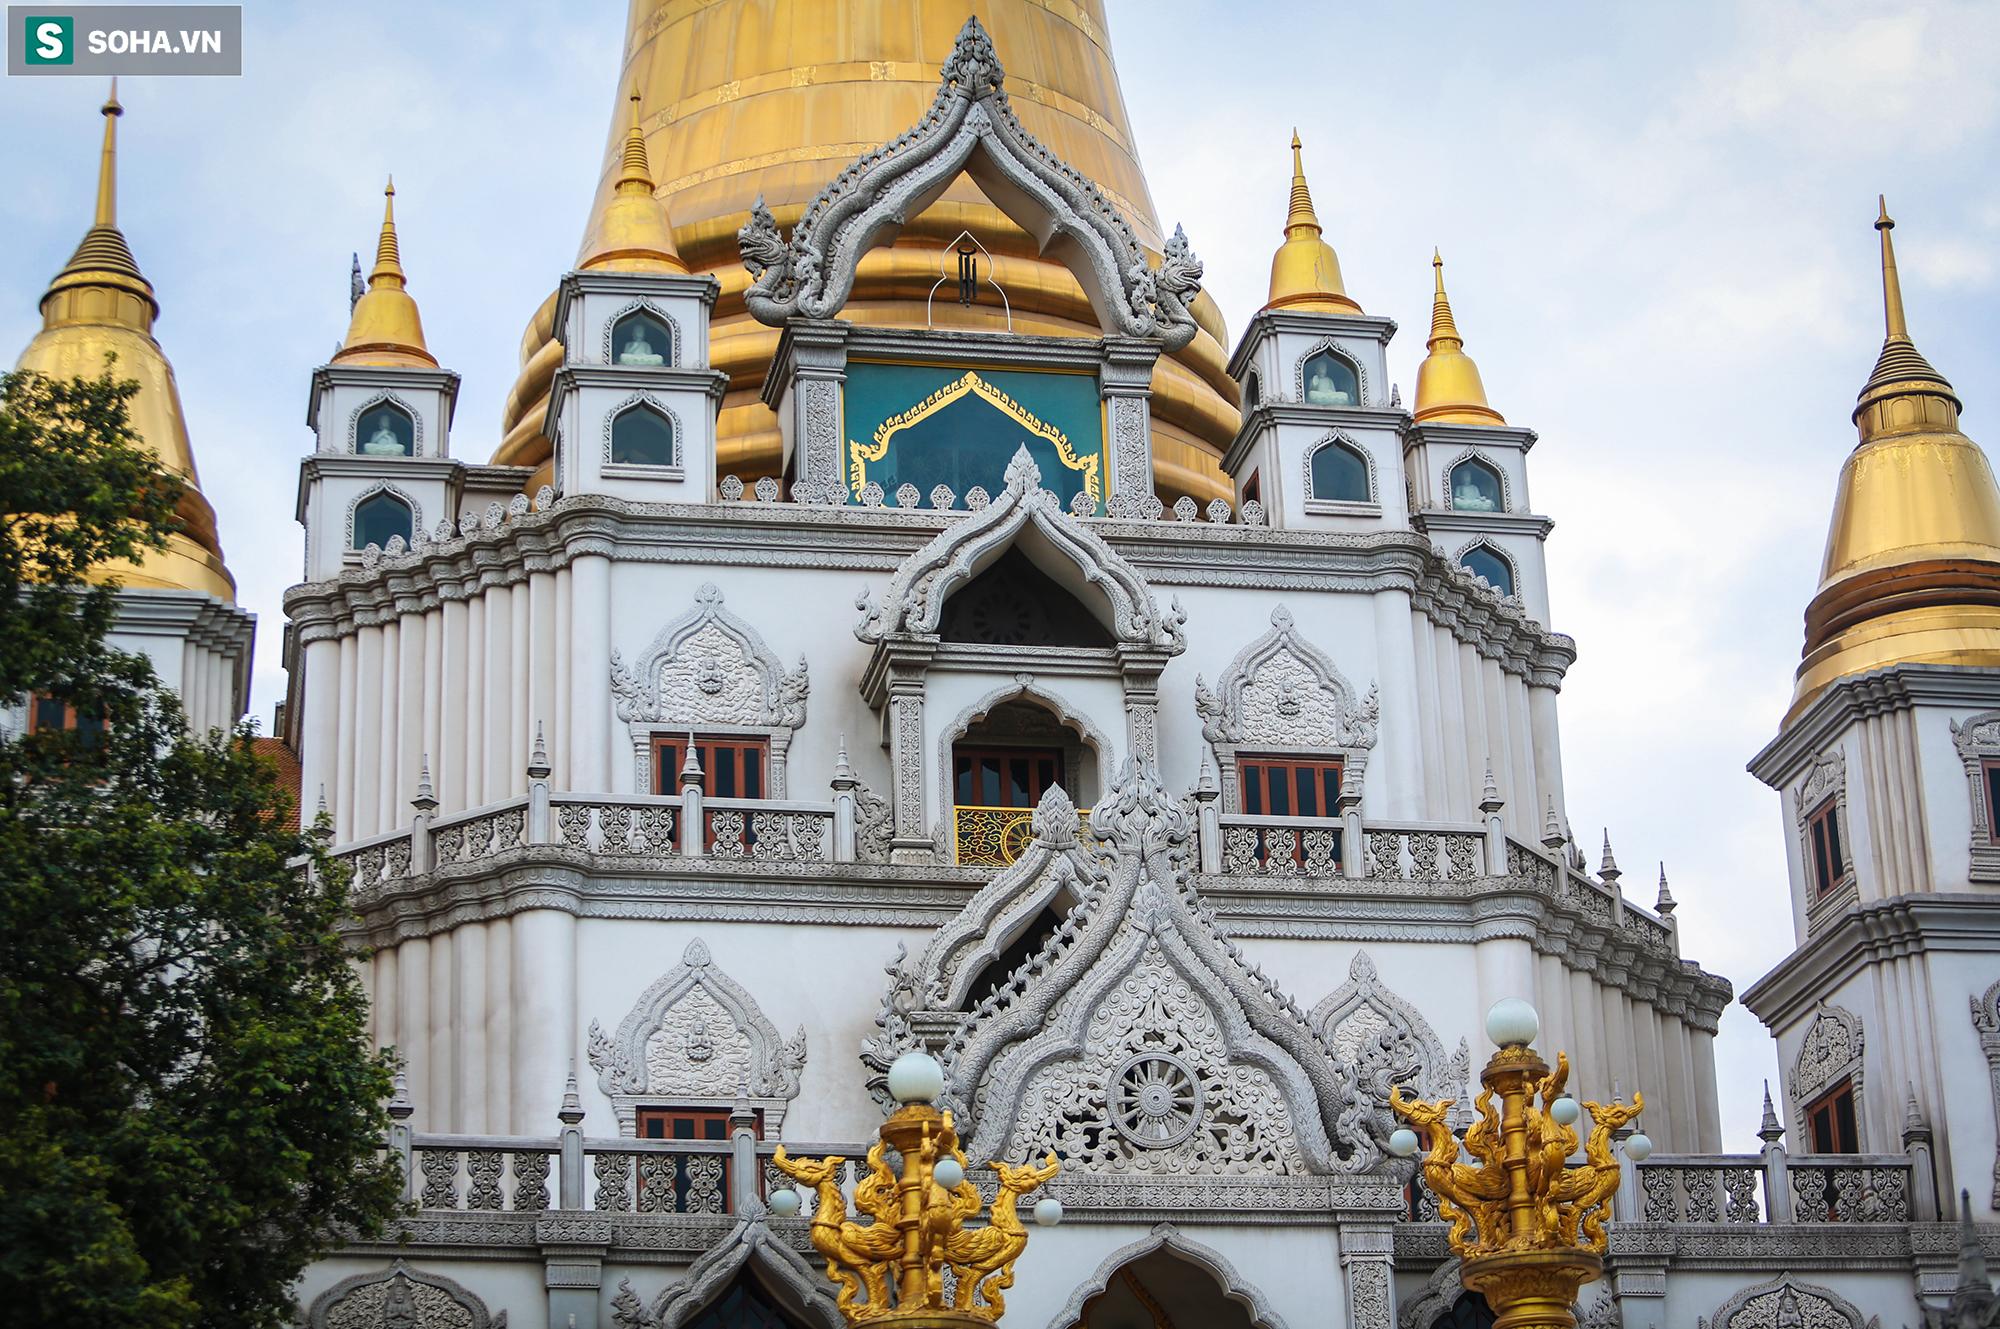 [Ảnh] Ngắm vẻ đẹp huyền bí của ngôi chùa lọt top đẹp nhất thế giới tọa lạc tại TP.Thủ Đức - Ảnh 2.